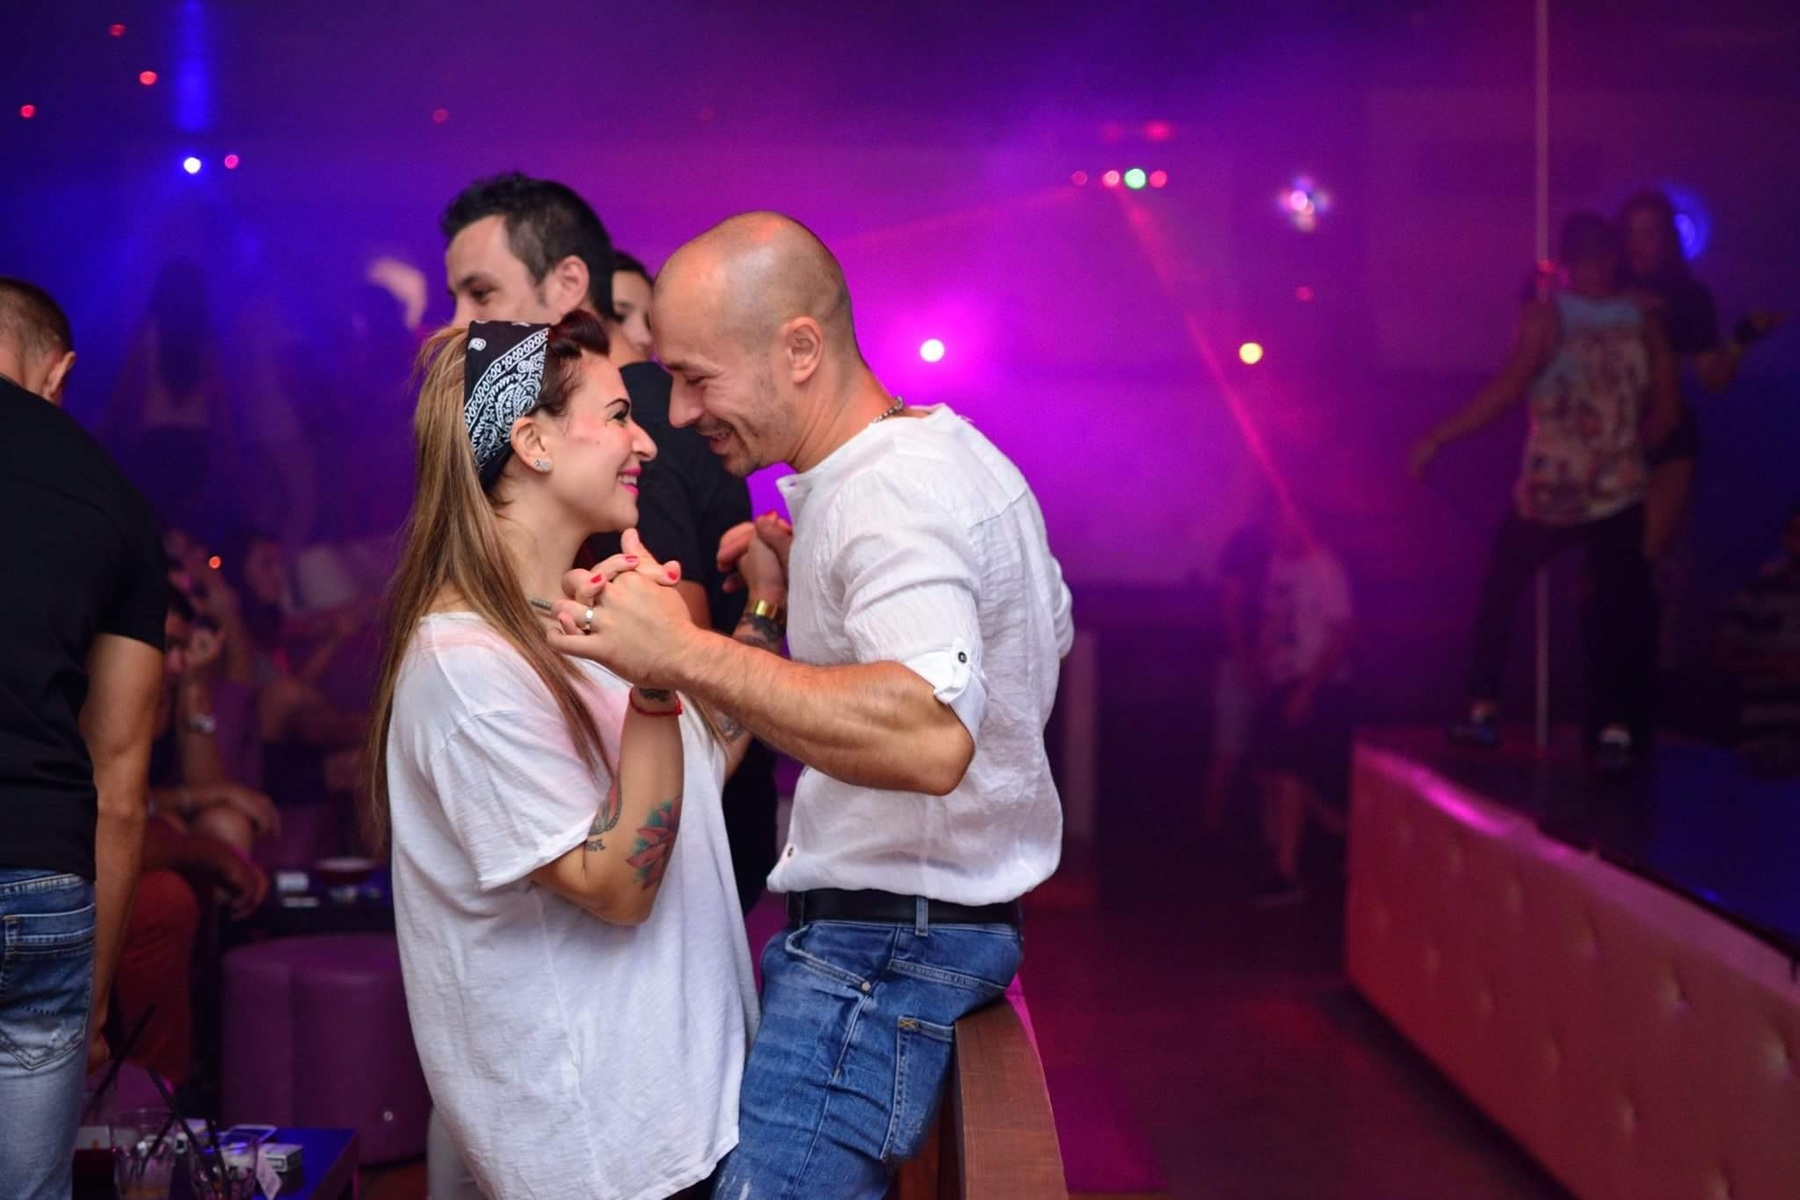 Coyote Fly Riga Riga's (Latvia) Best Night Club and Bar